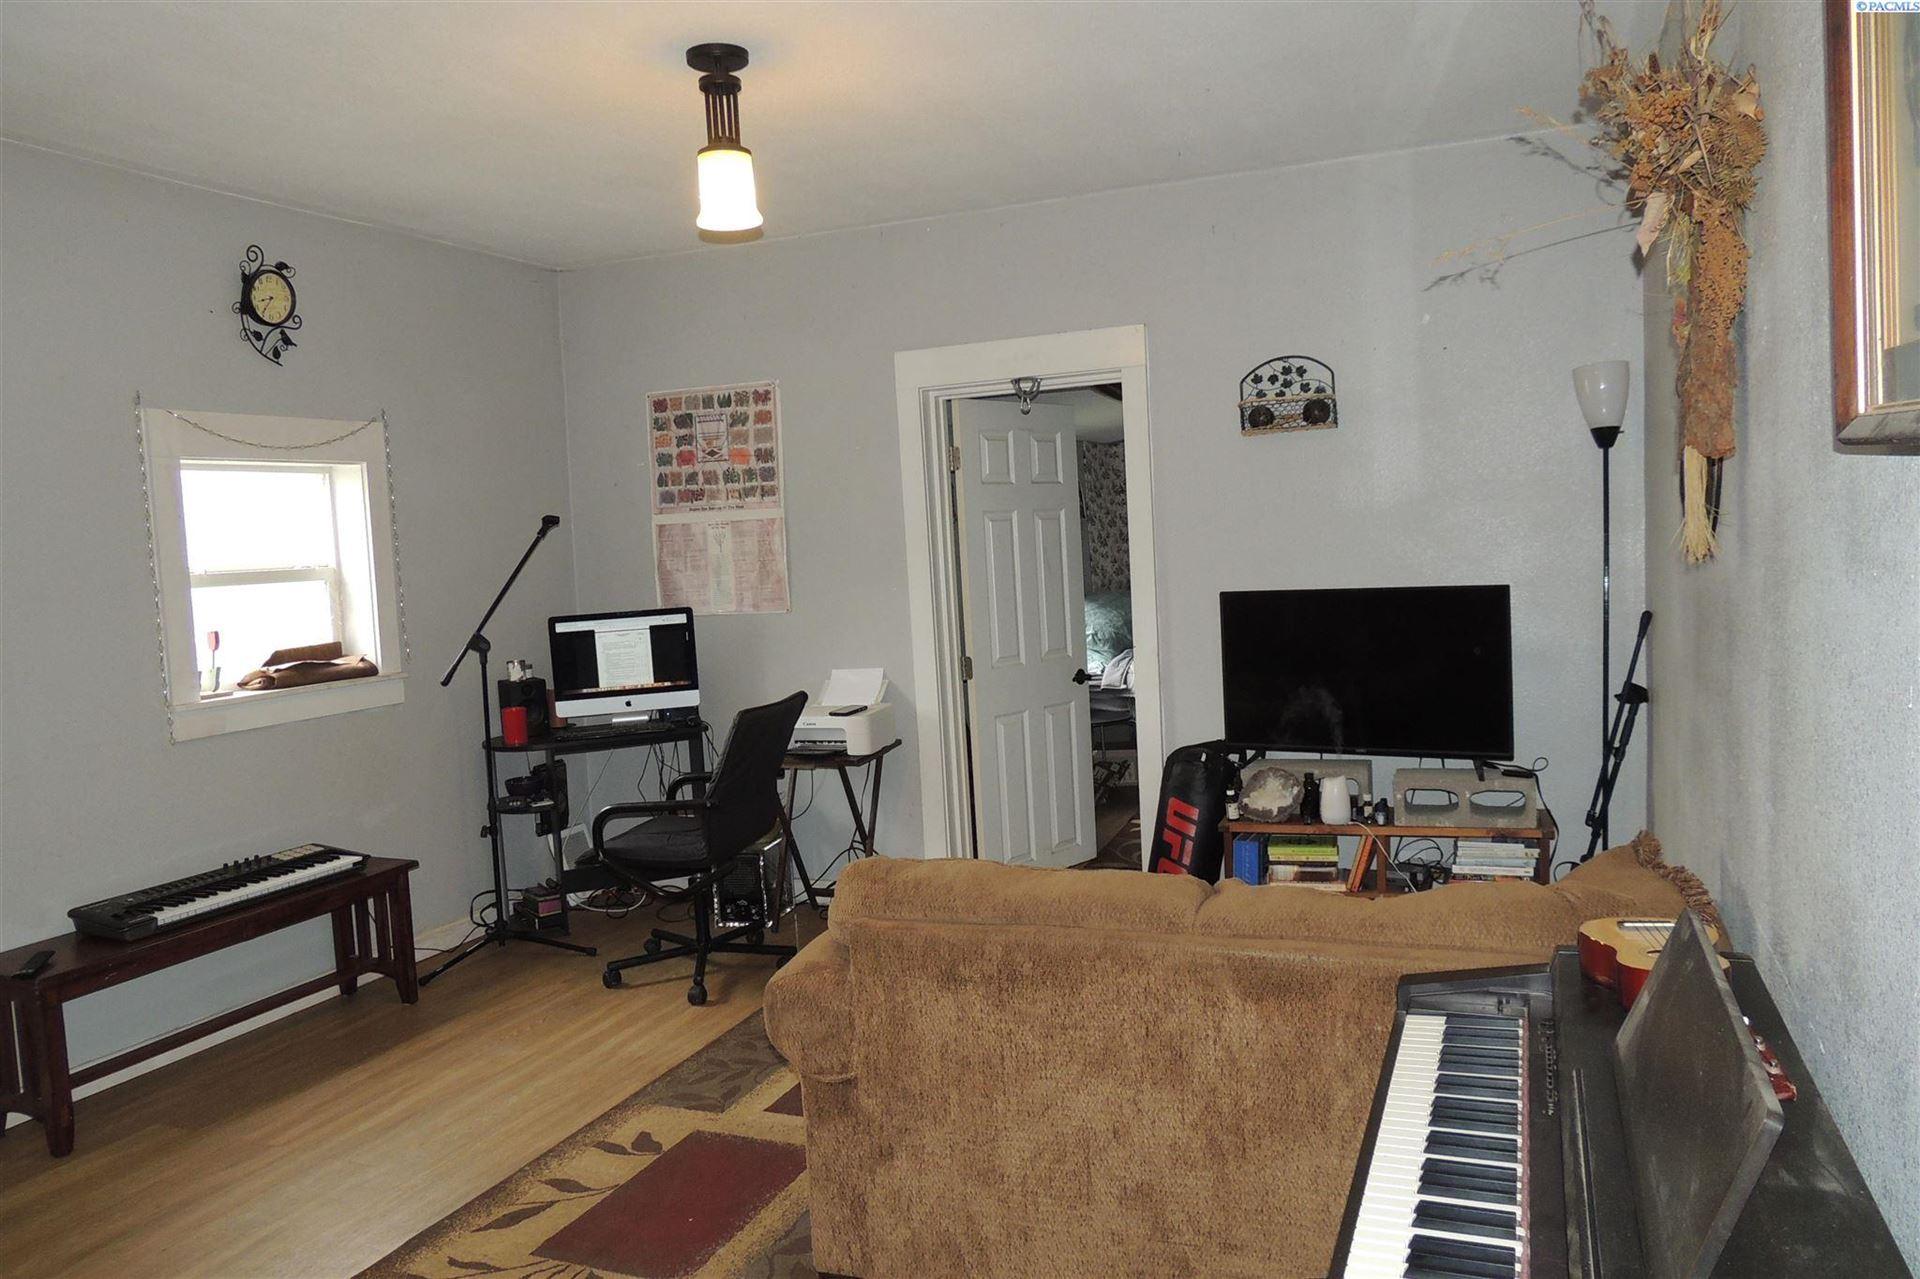 Photo of 208 S 3rd St, Garfield, WA 99130 (MLS # 254275)